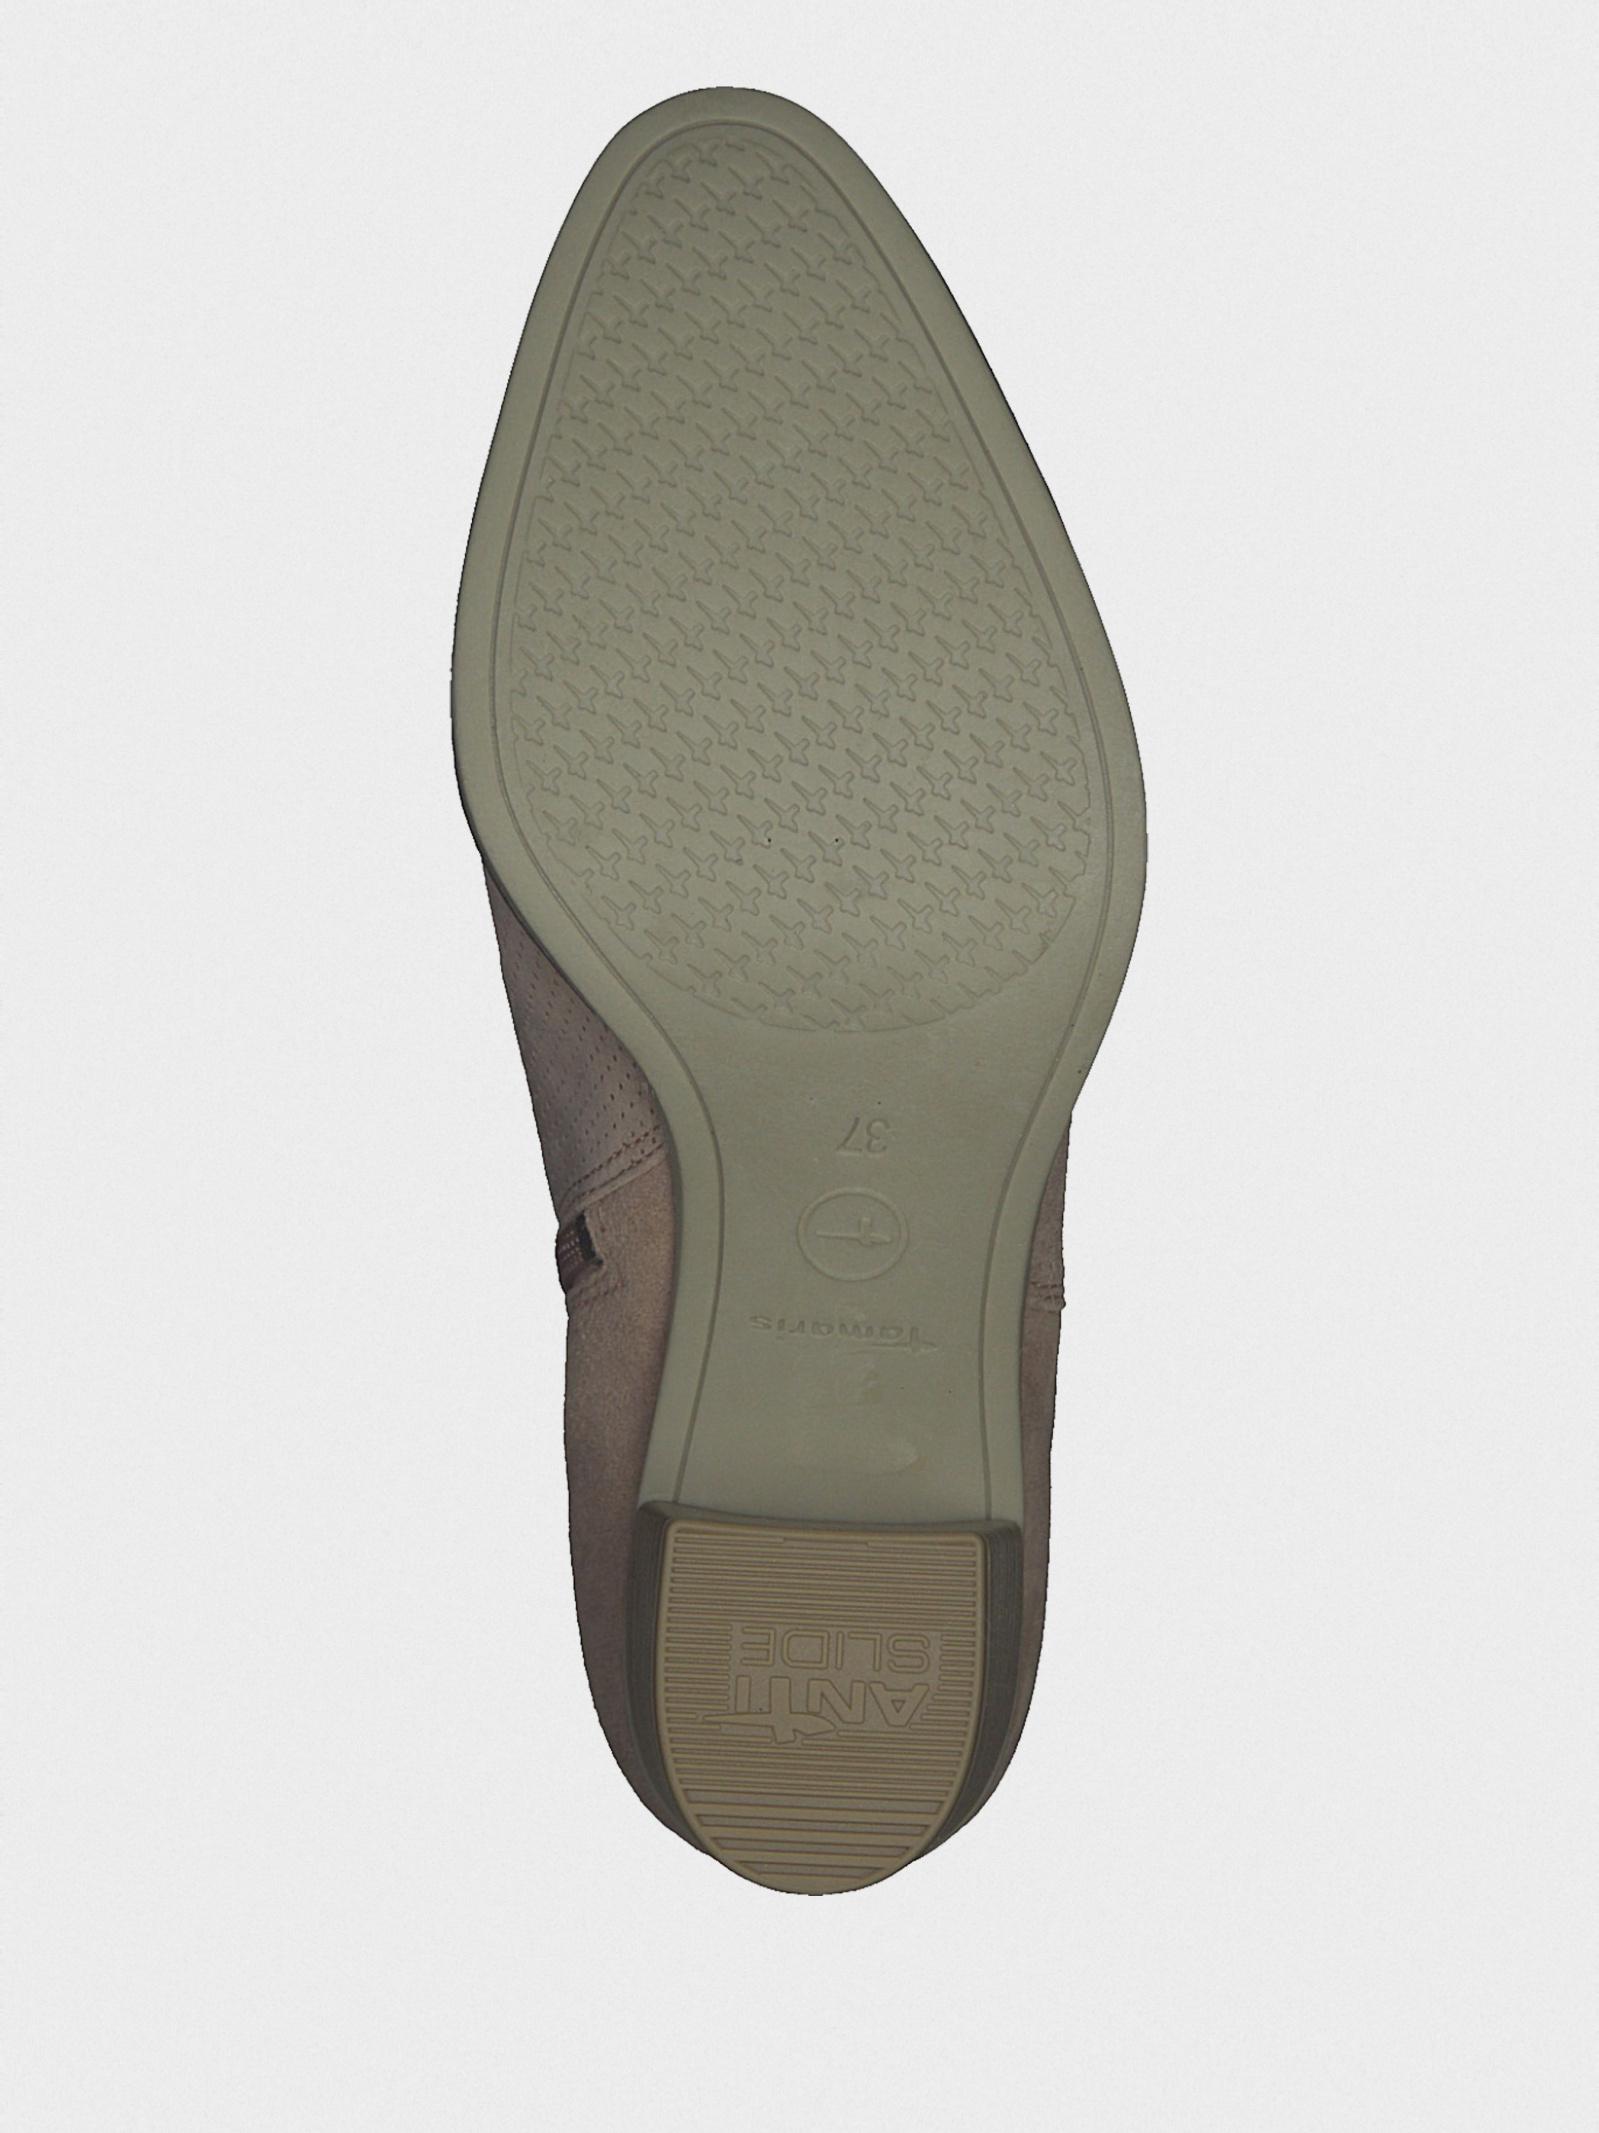 Сапоги для женщин Tamaris IS790 размерная сетка обуви, 2017